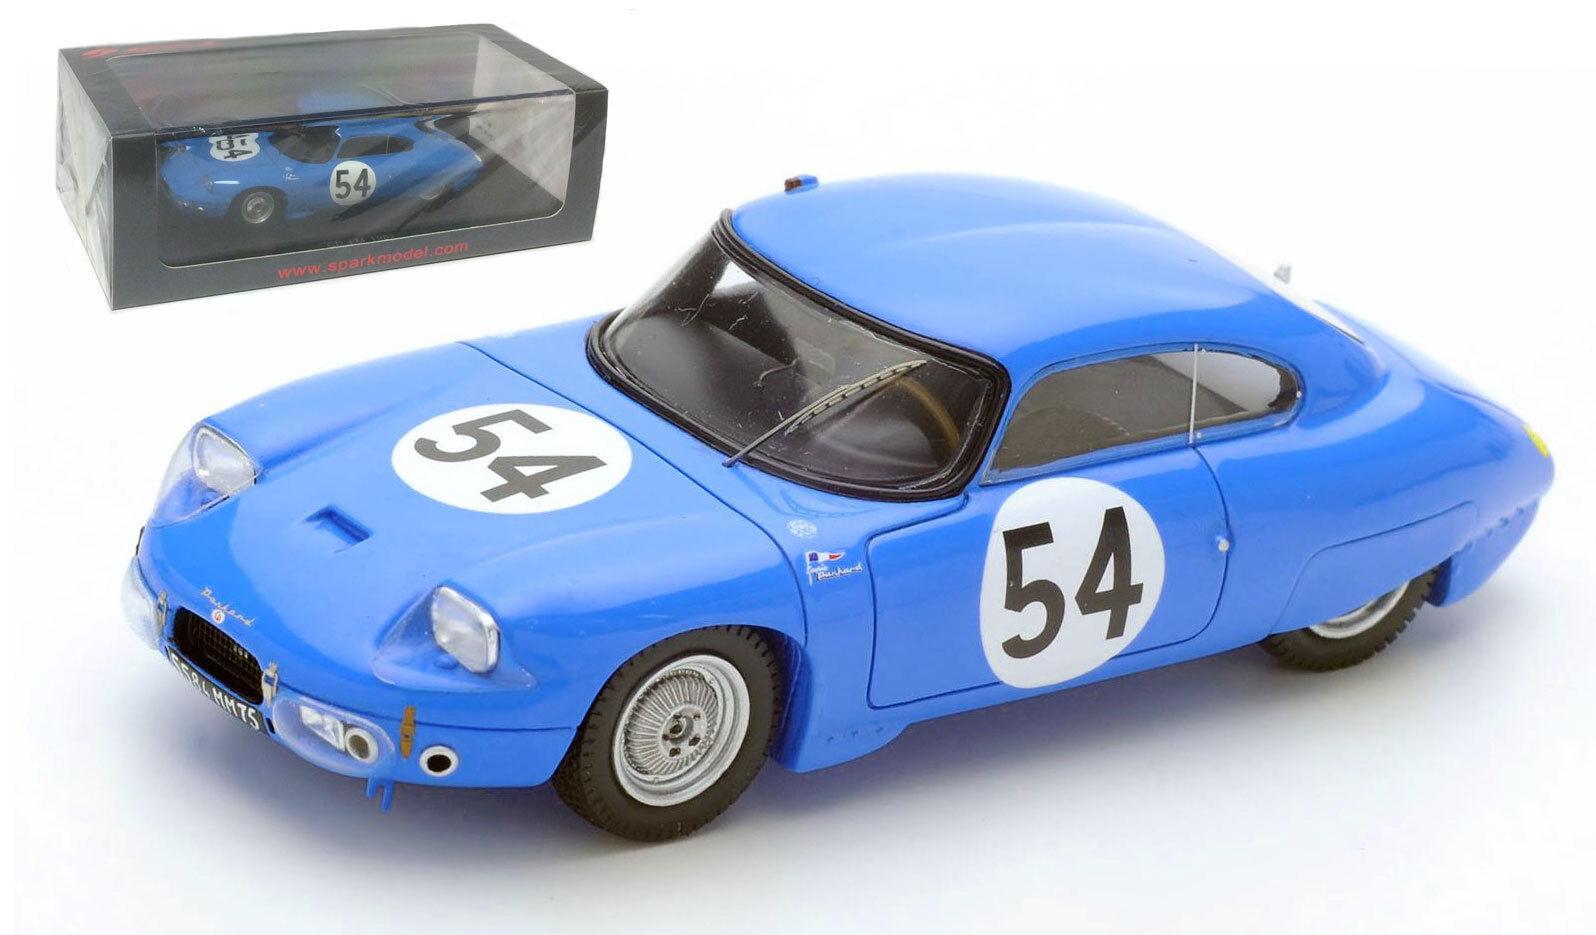 Spark S4711 CD Panhard et Levassor Le Mans 1962 - Lelong Hanrioud 1 43 Scale